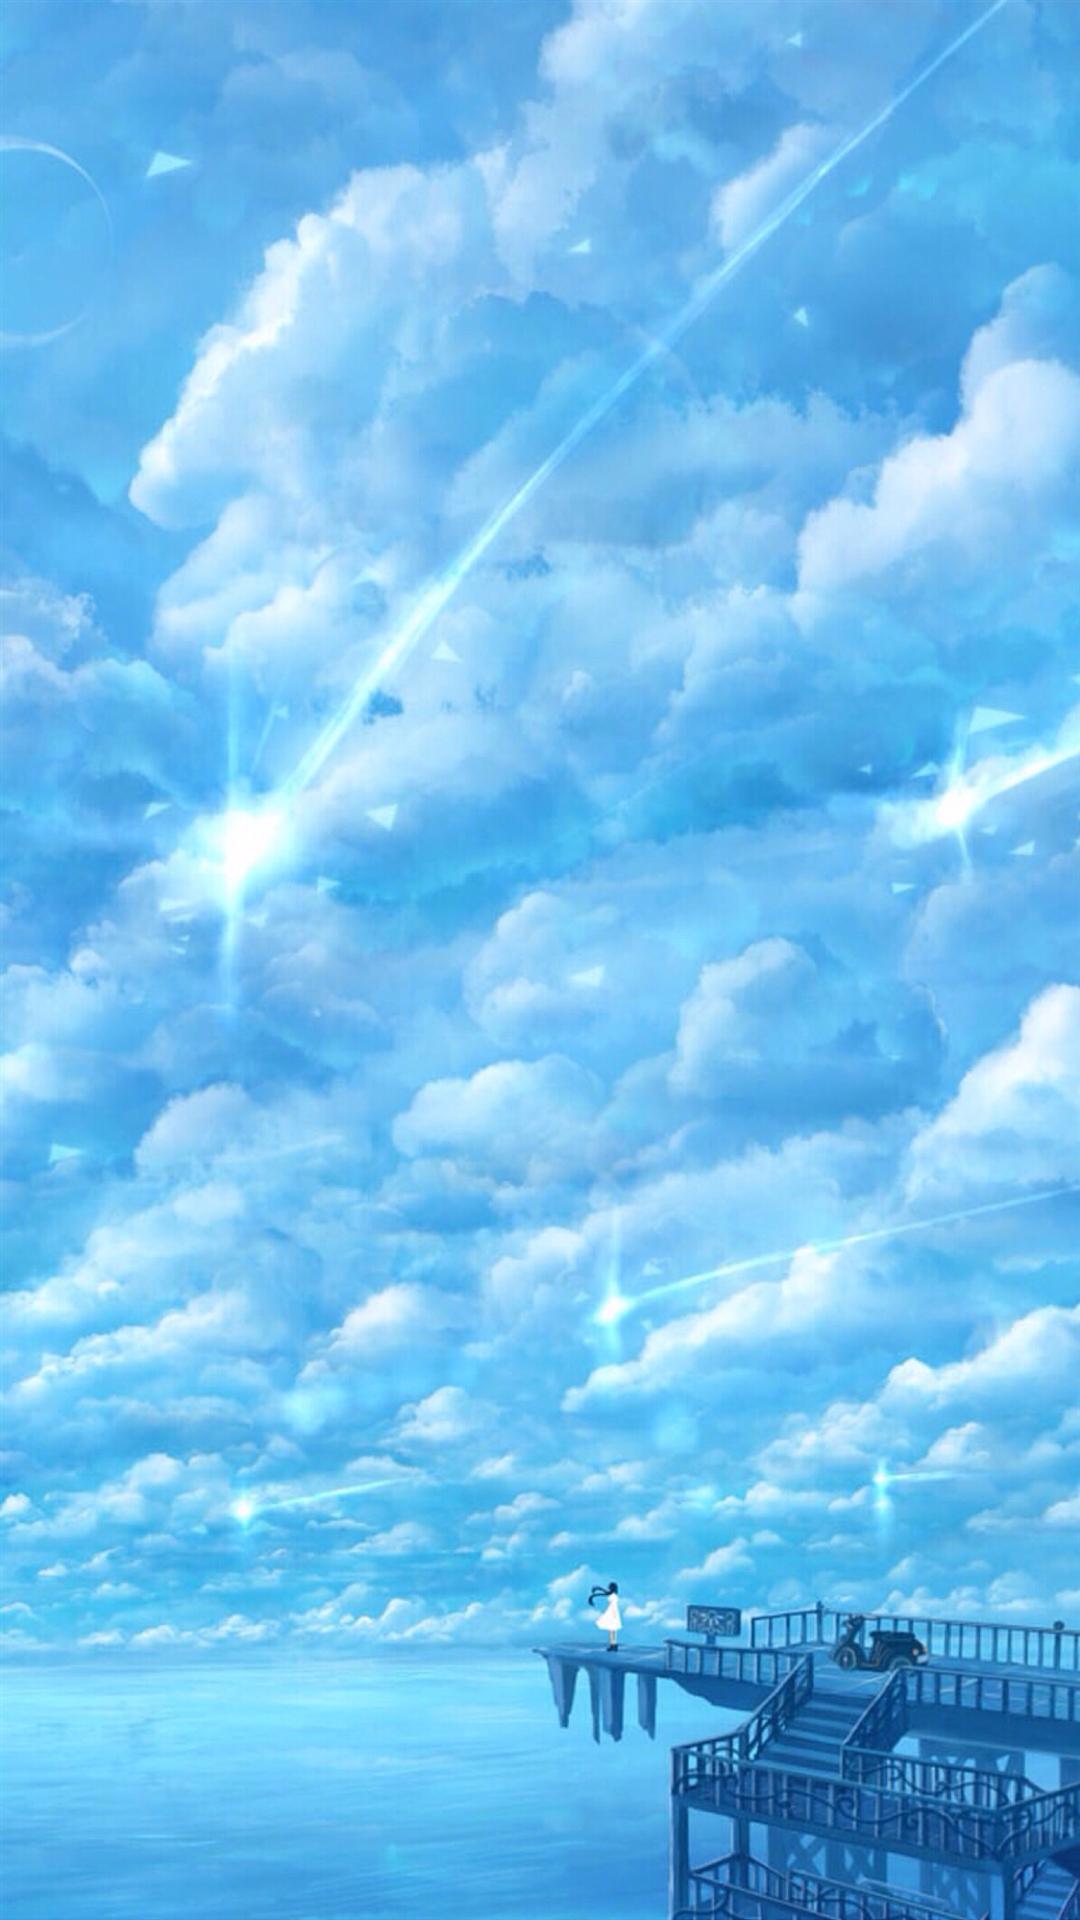 背景 壁纸 风景 天空 桌面 1080_1920 竖版 竖屏 手机